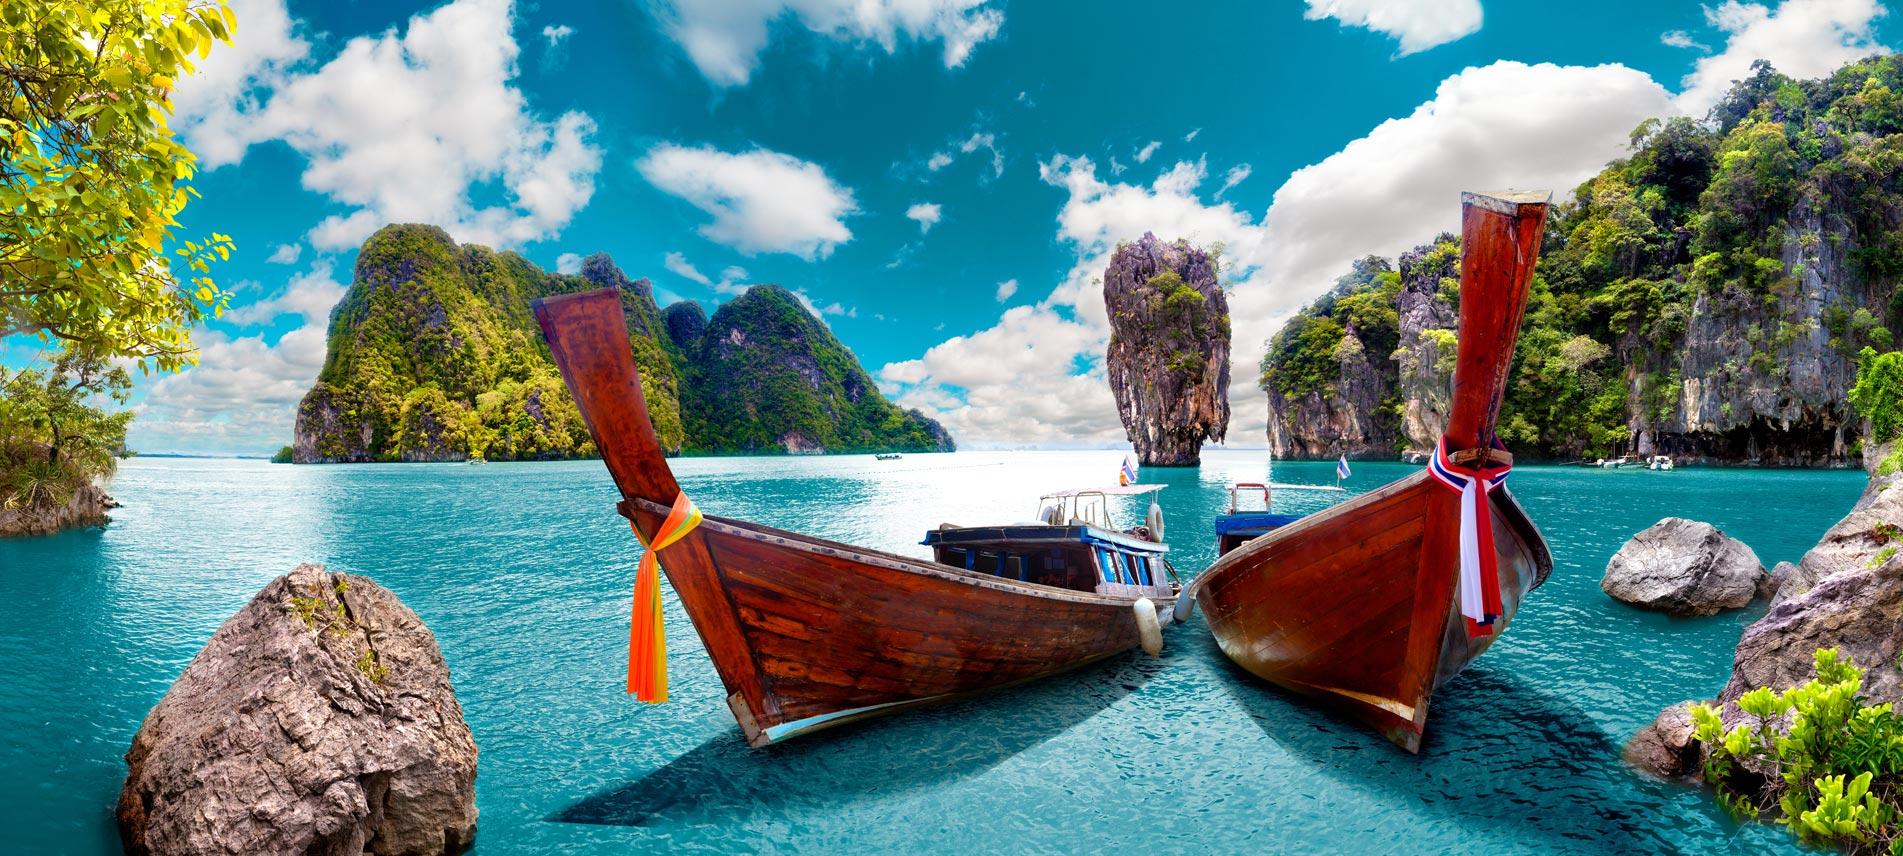 Phuket Cruise & Stay